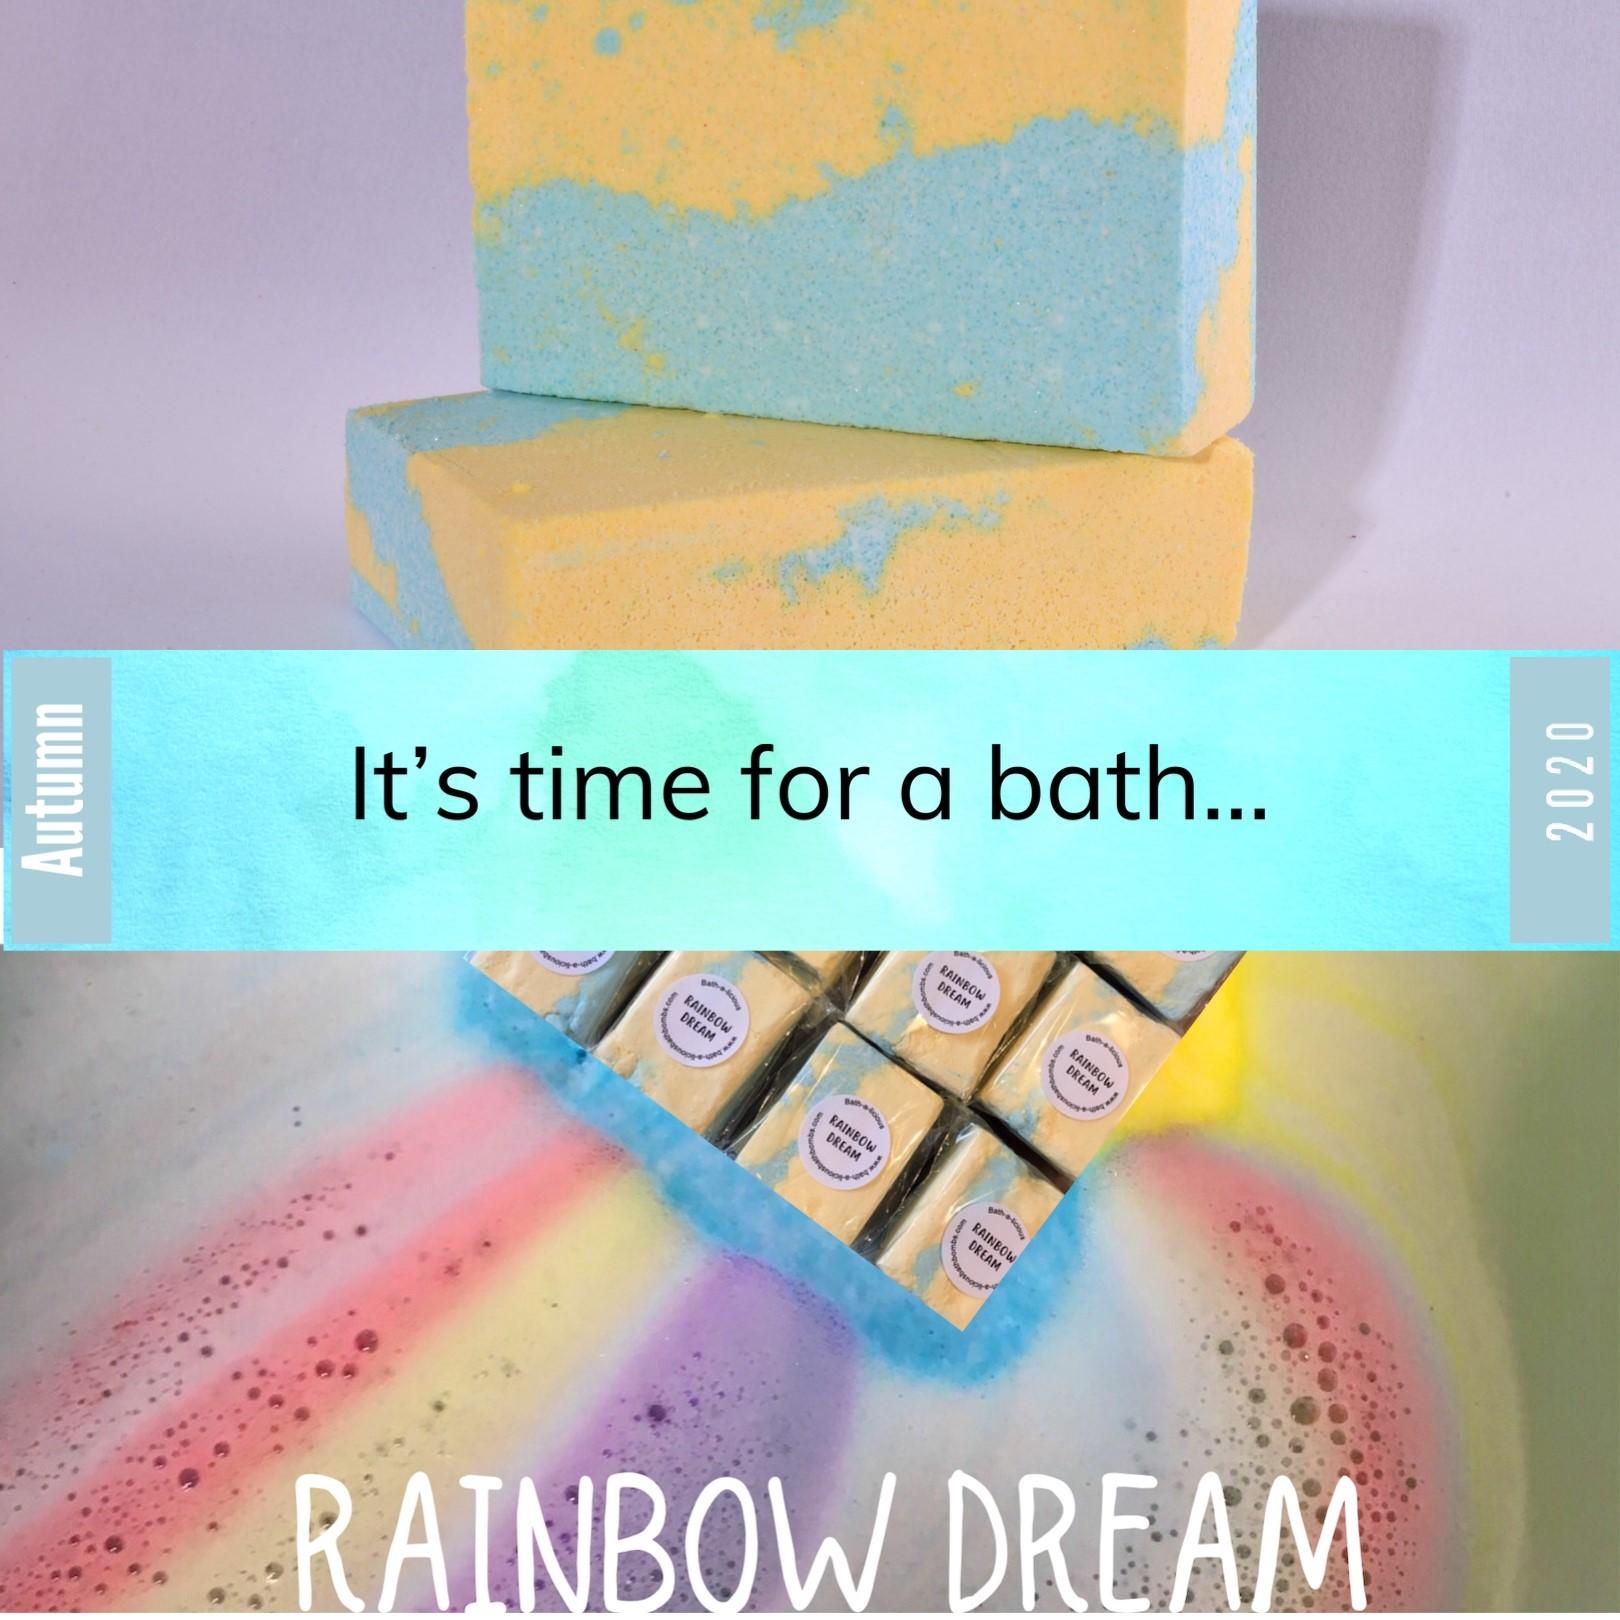 Rainbow Dream Time for a bath